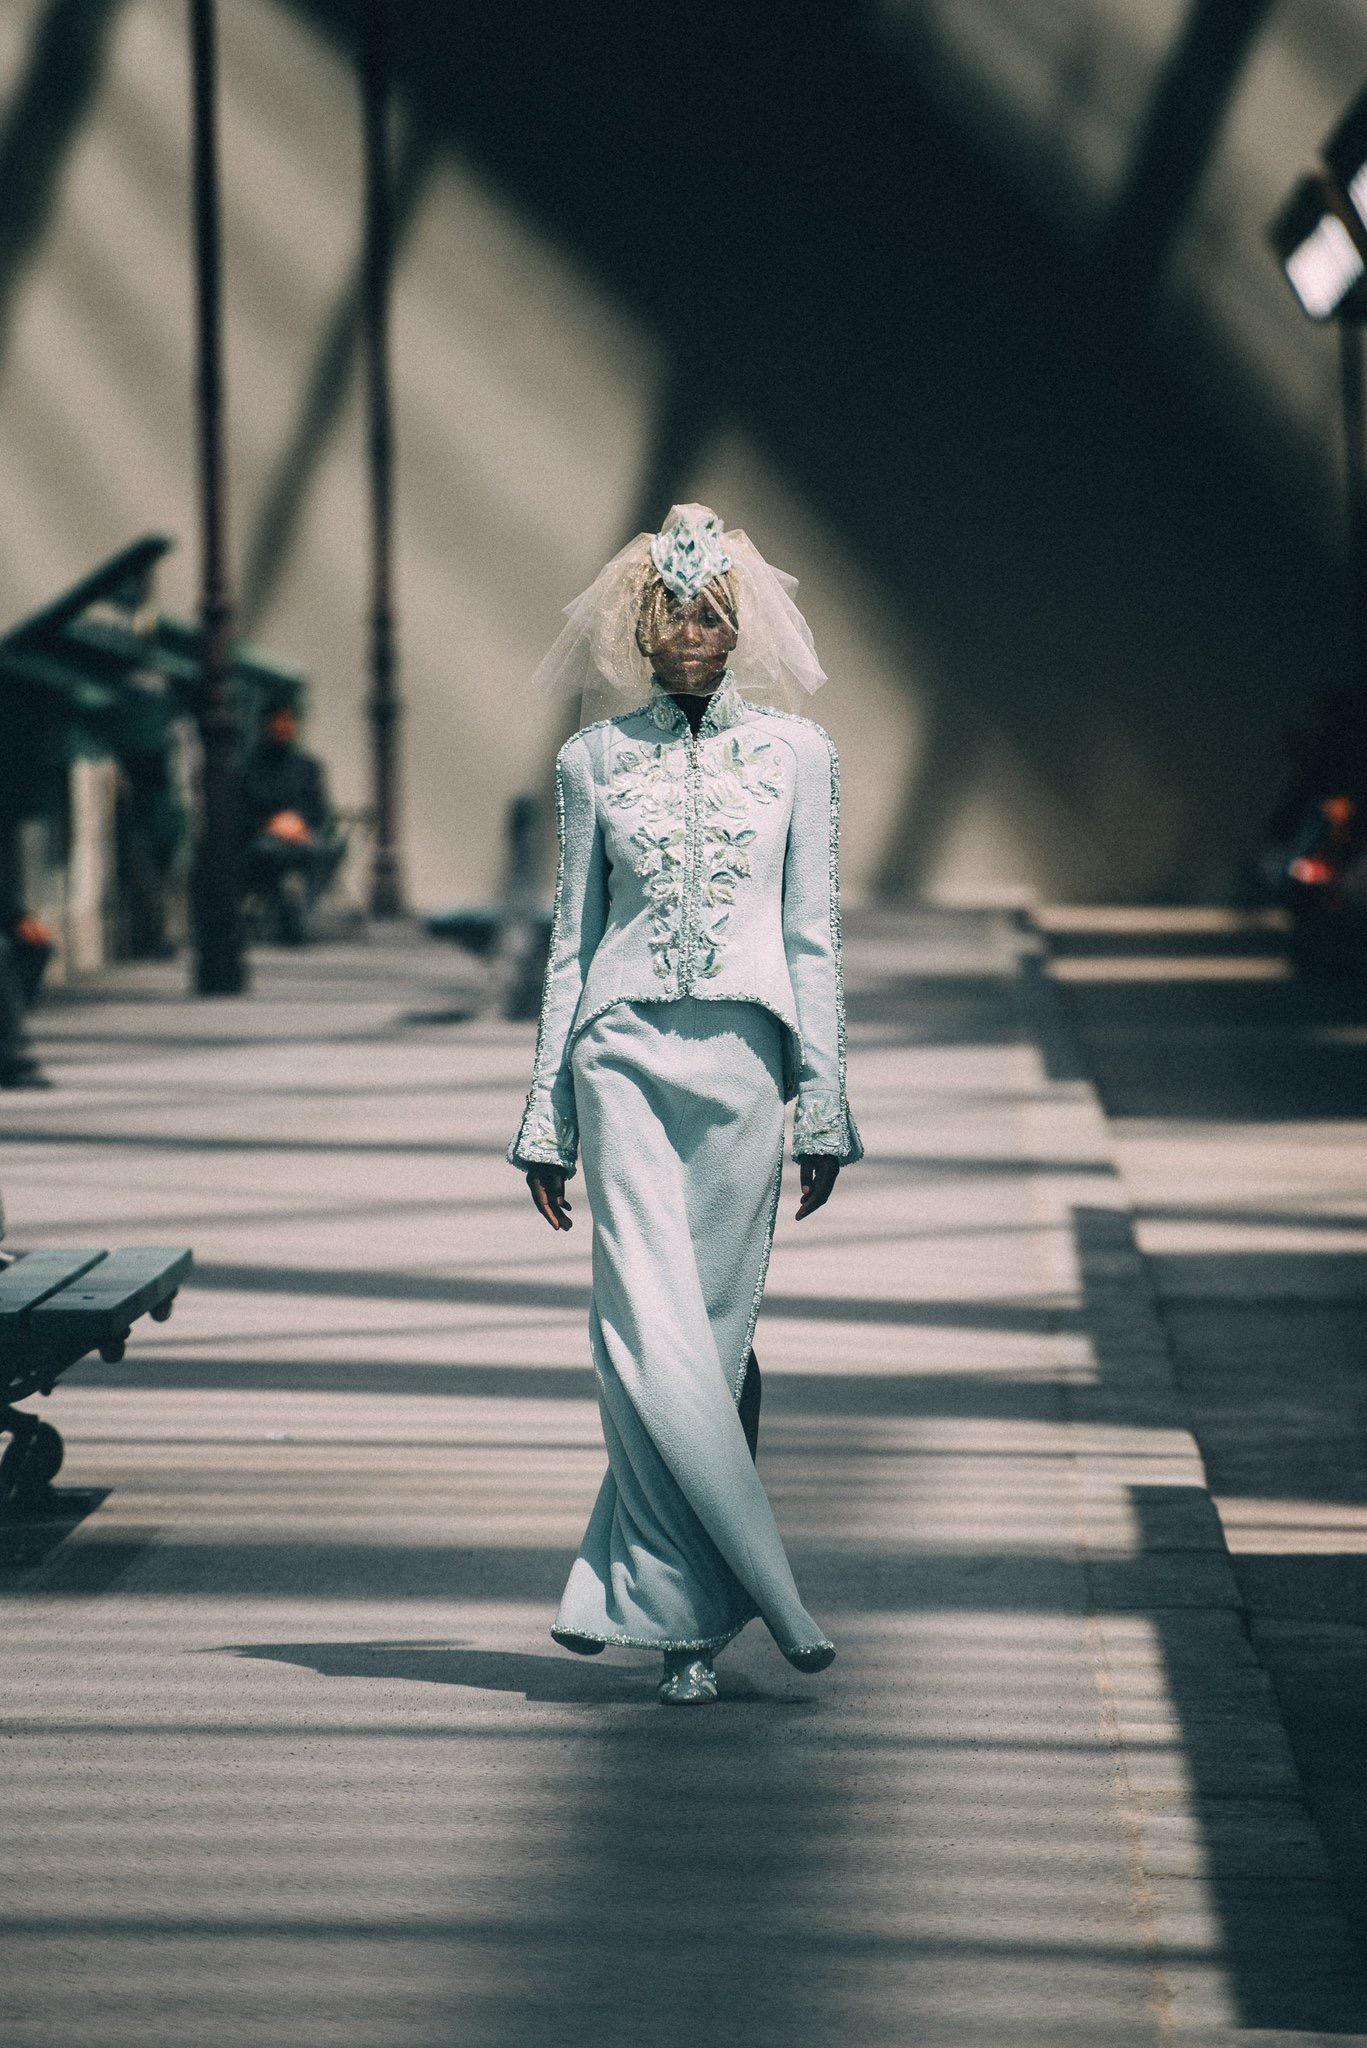 CHANEL Haute couture aw 2018-19 Esprit de Gabrielle espritdegabrielle.com